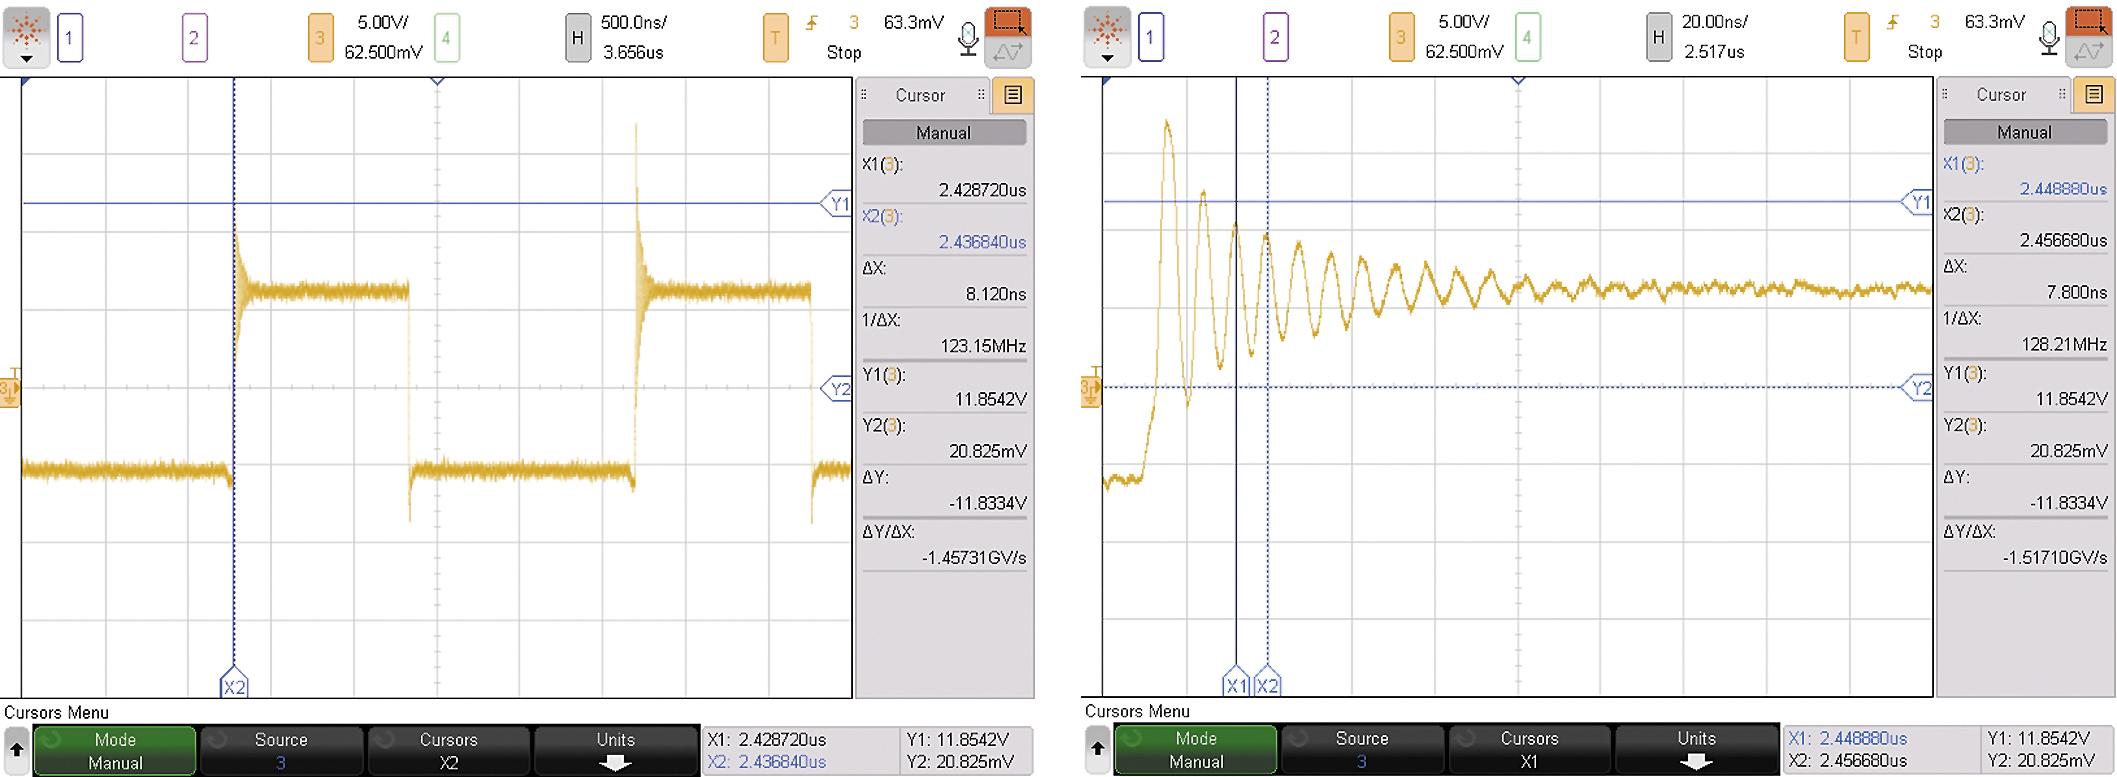 Форма сигнала напряжения на дросселе. Напряжение на дросселе понижающего DC/DC-преобразователя (слева), результирующий сигнал на дросселе во время включения ключа S1 (справа).